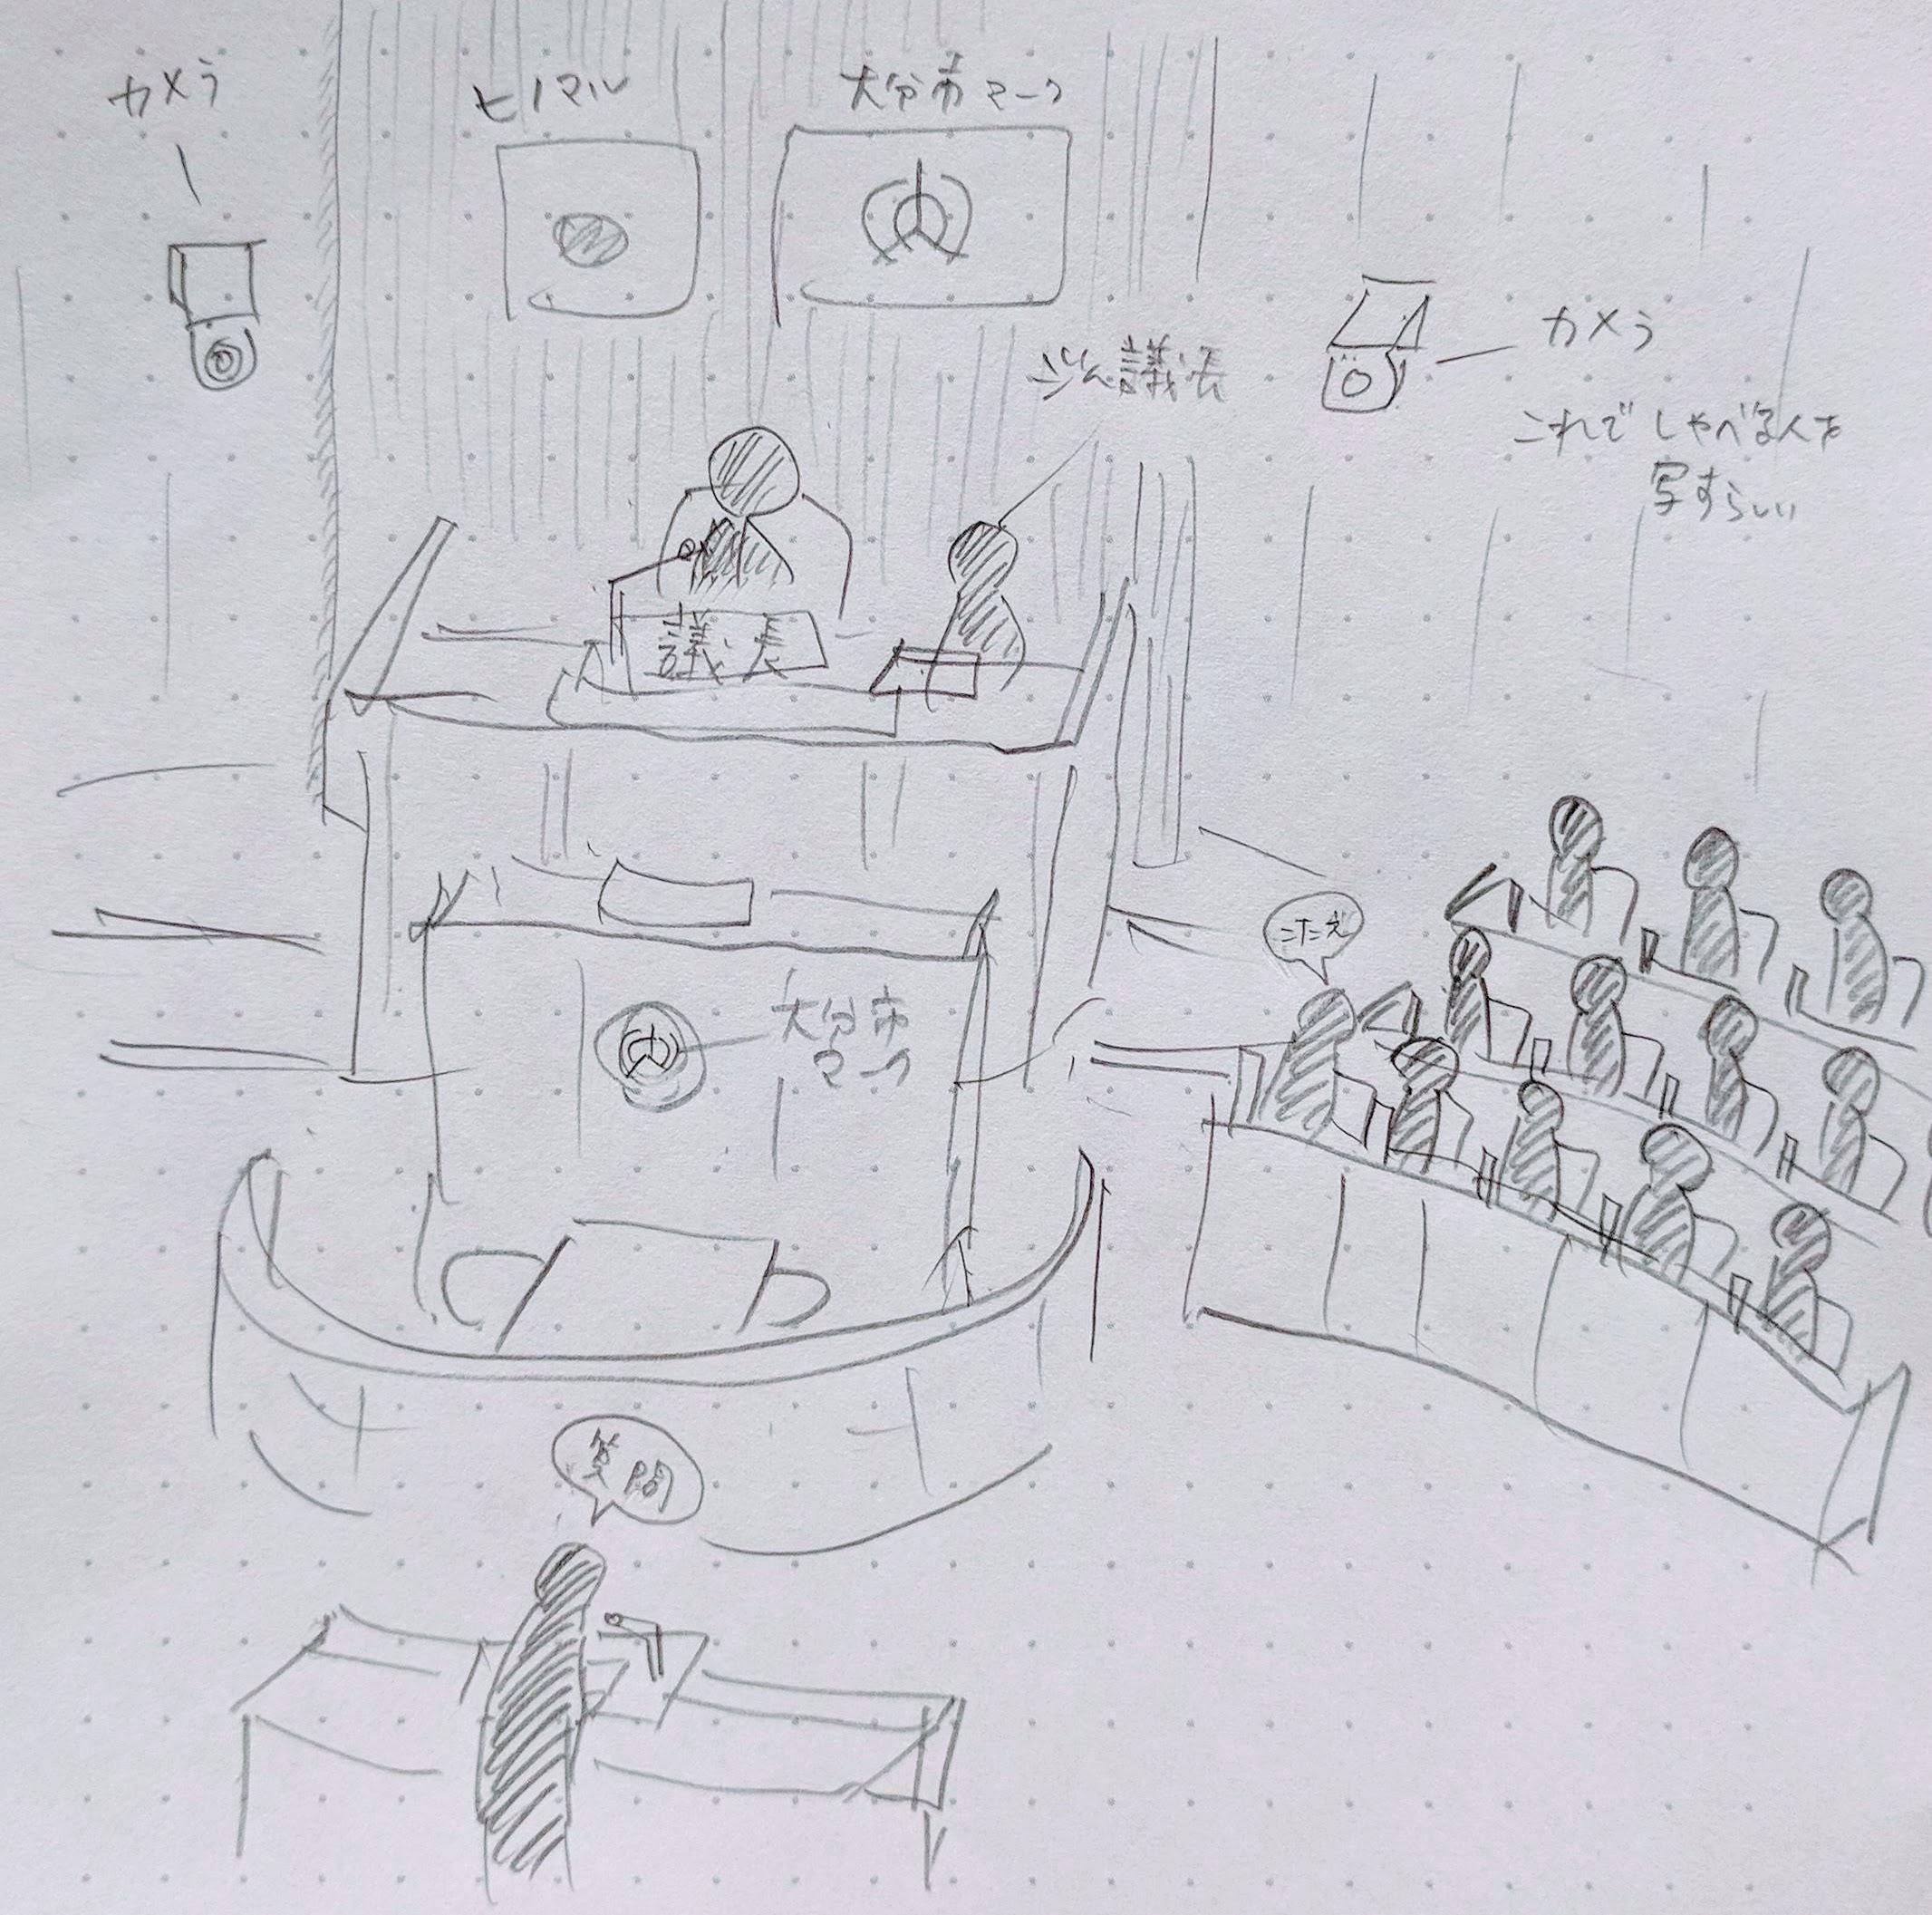 大分市議会のスケッチ